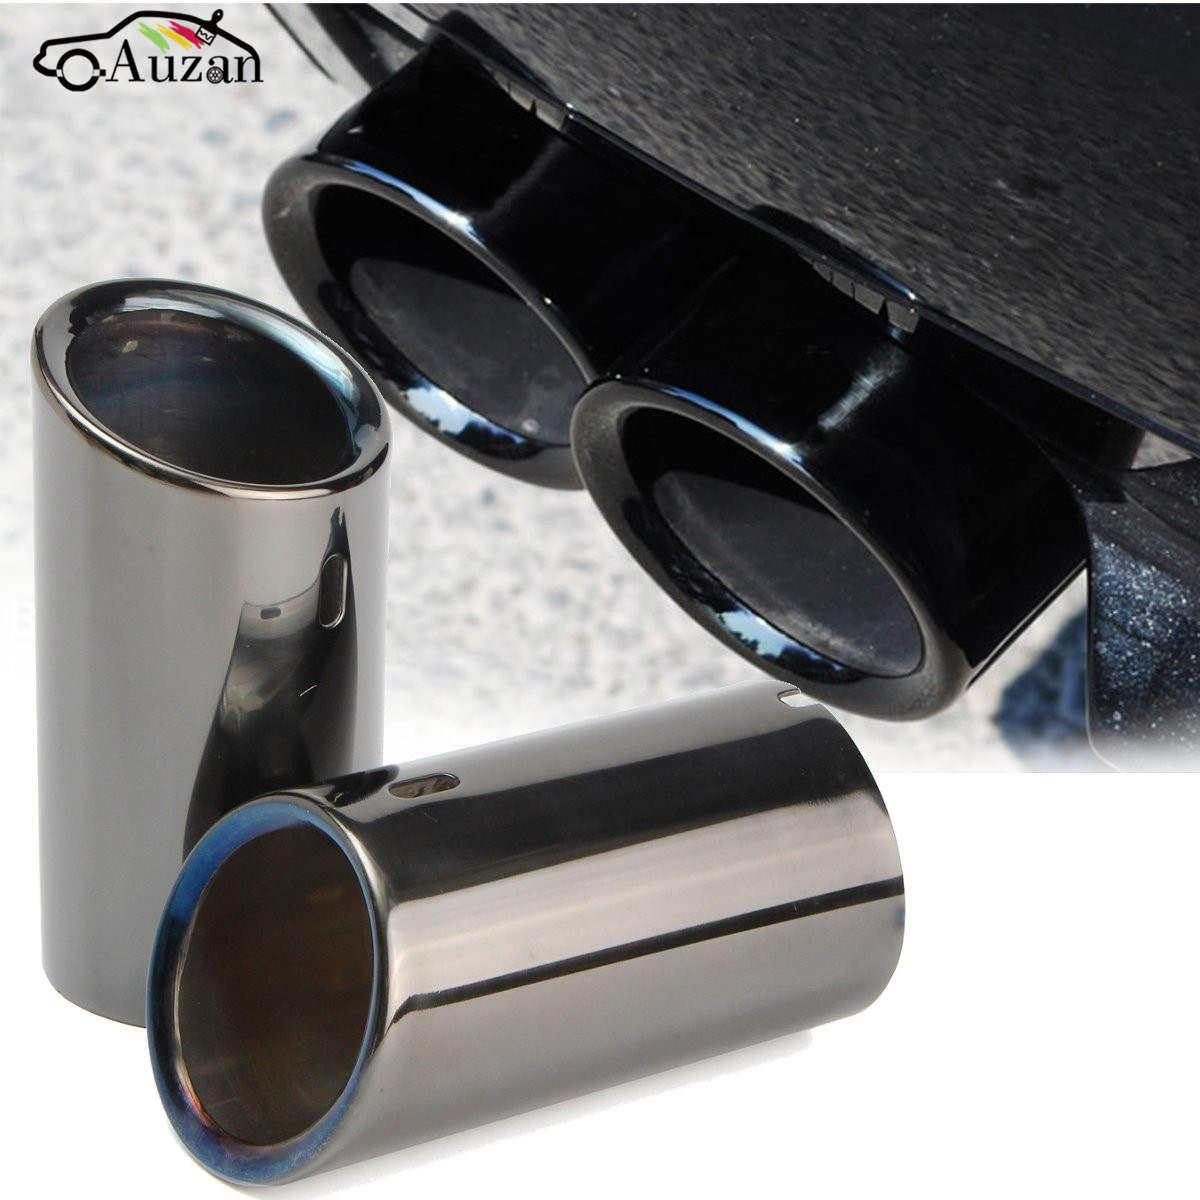 Par tubo de ponta de escape da cauda do carro titânio preto para bmw e90 e92 325 328i série 3 2006-2010 aço inoxidável